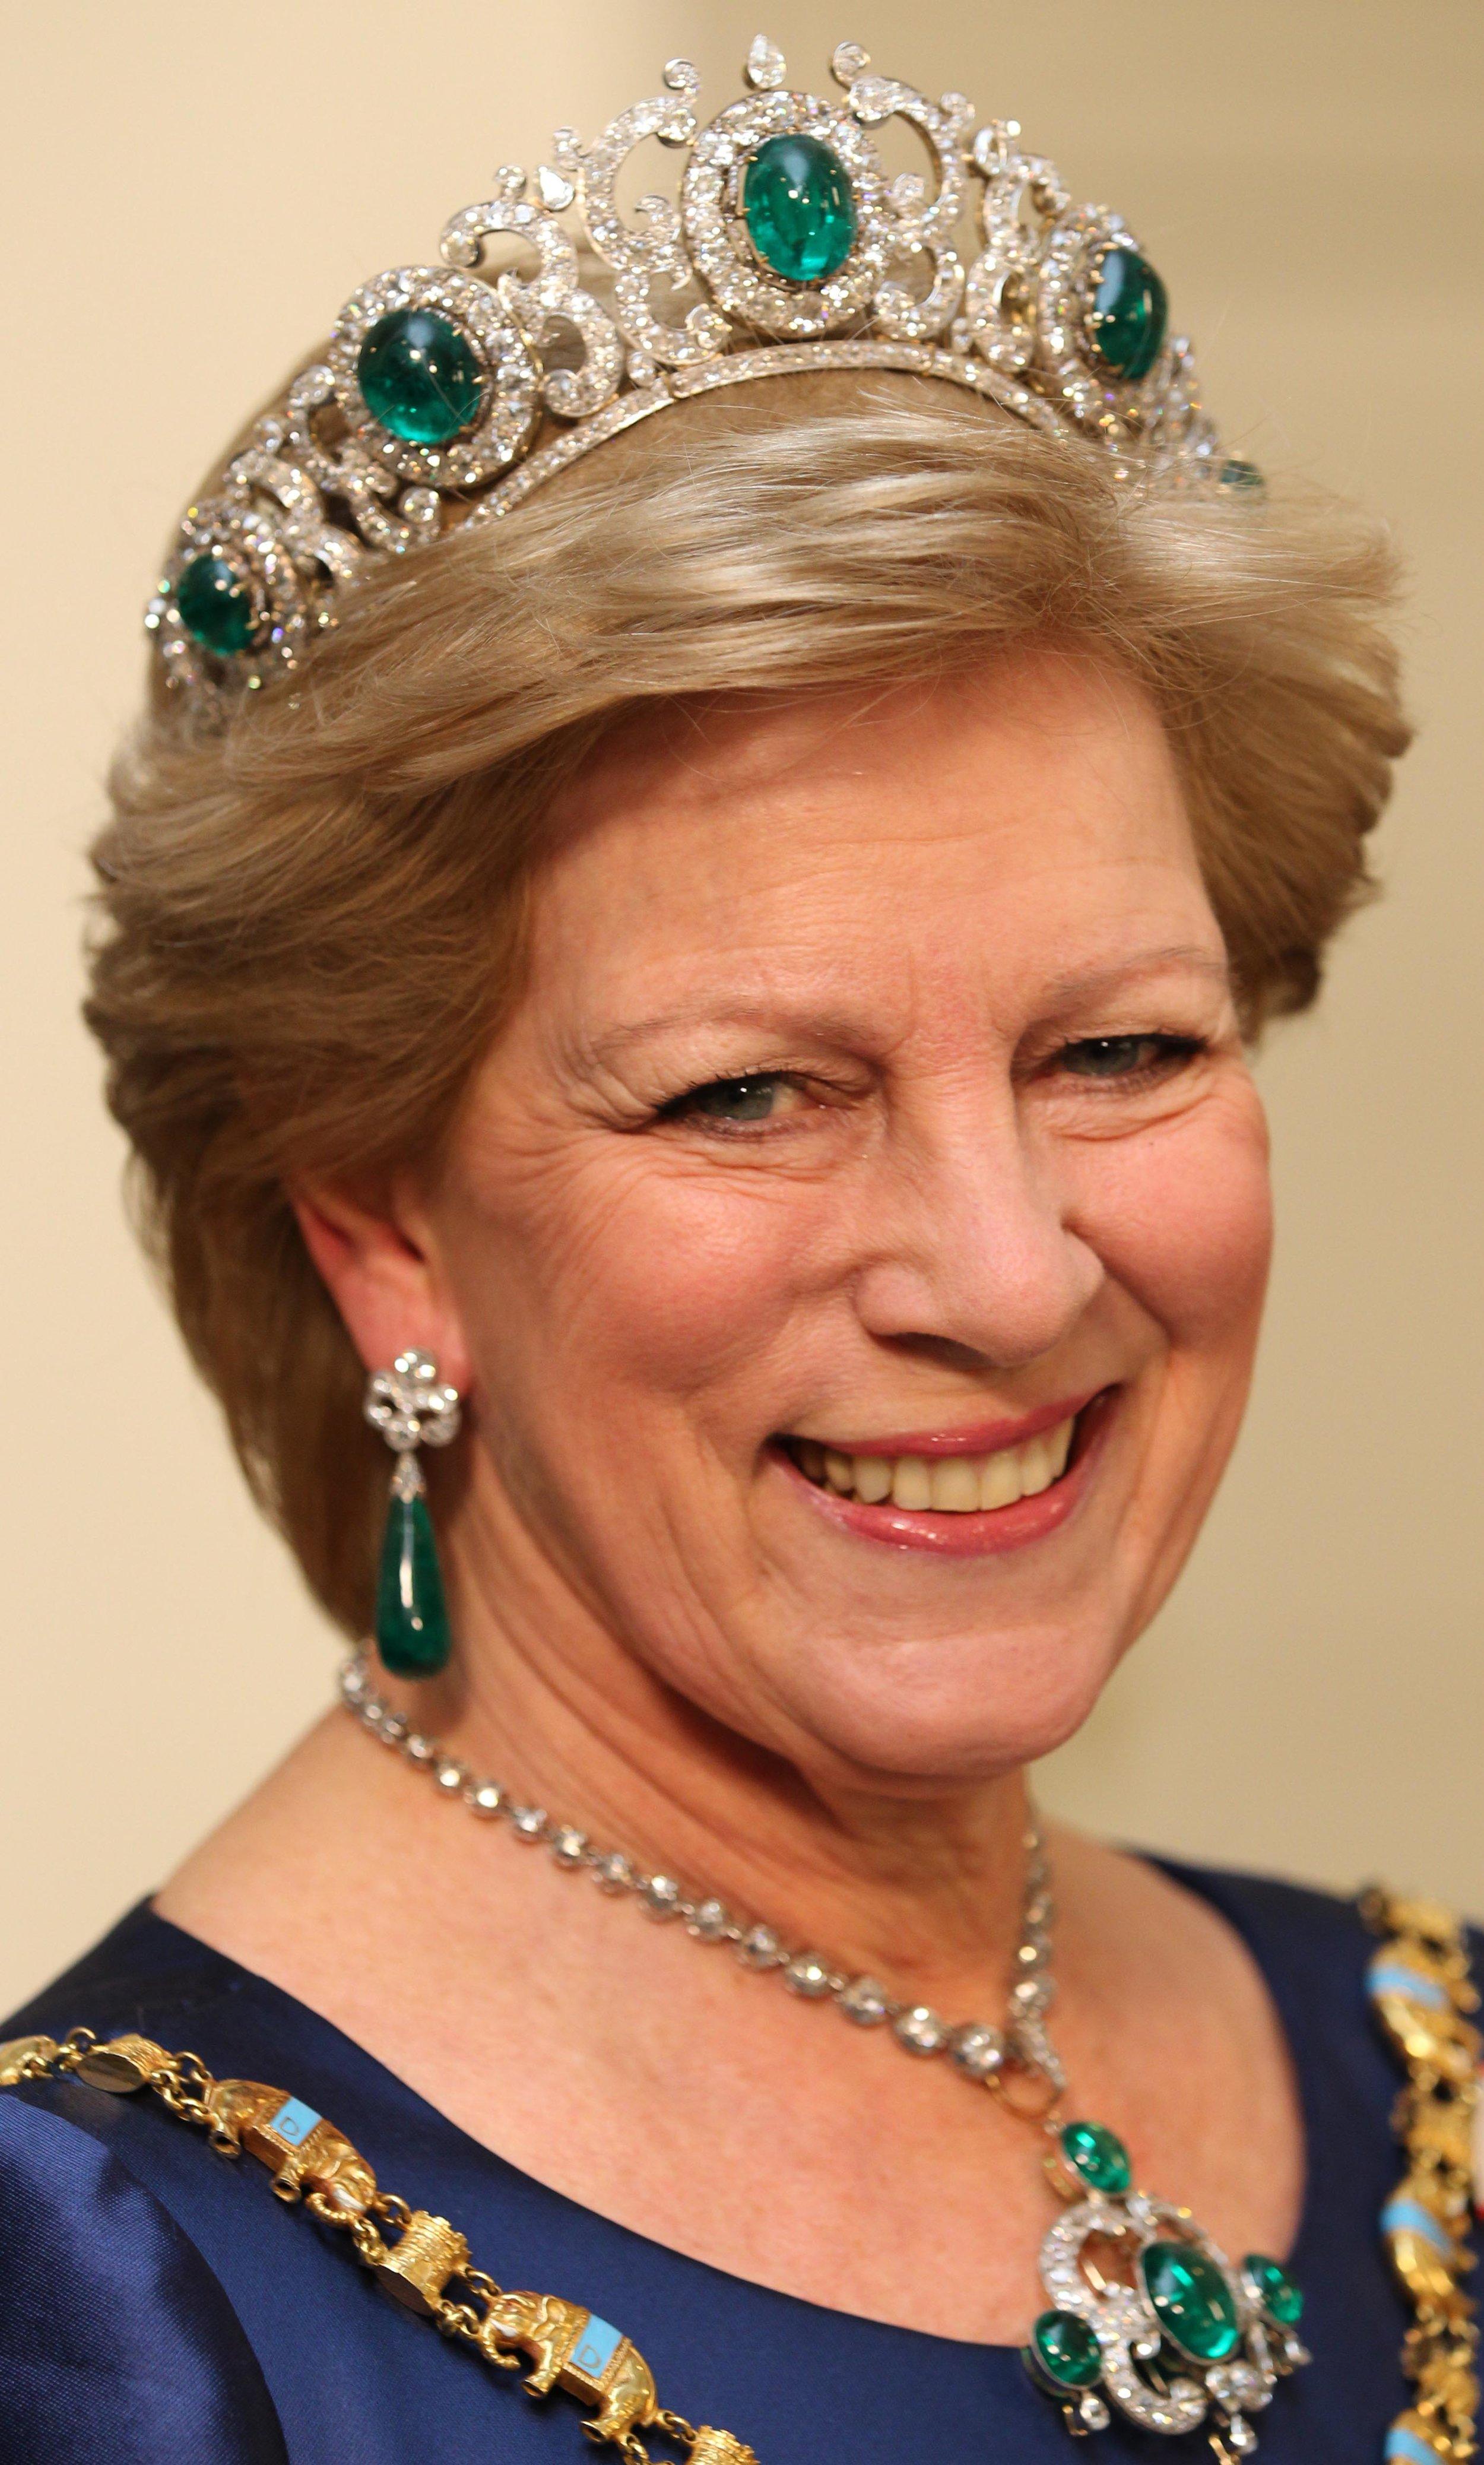 Königin Anne-Marie von Griechenland musste Abschied von gleich zwei Kindern nehmen.  ©Getty Images